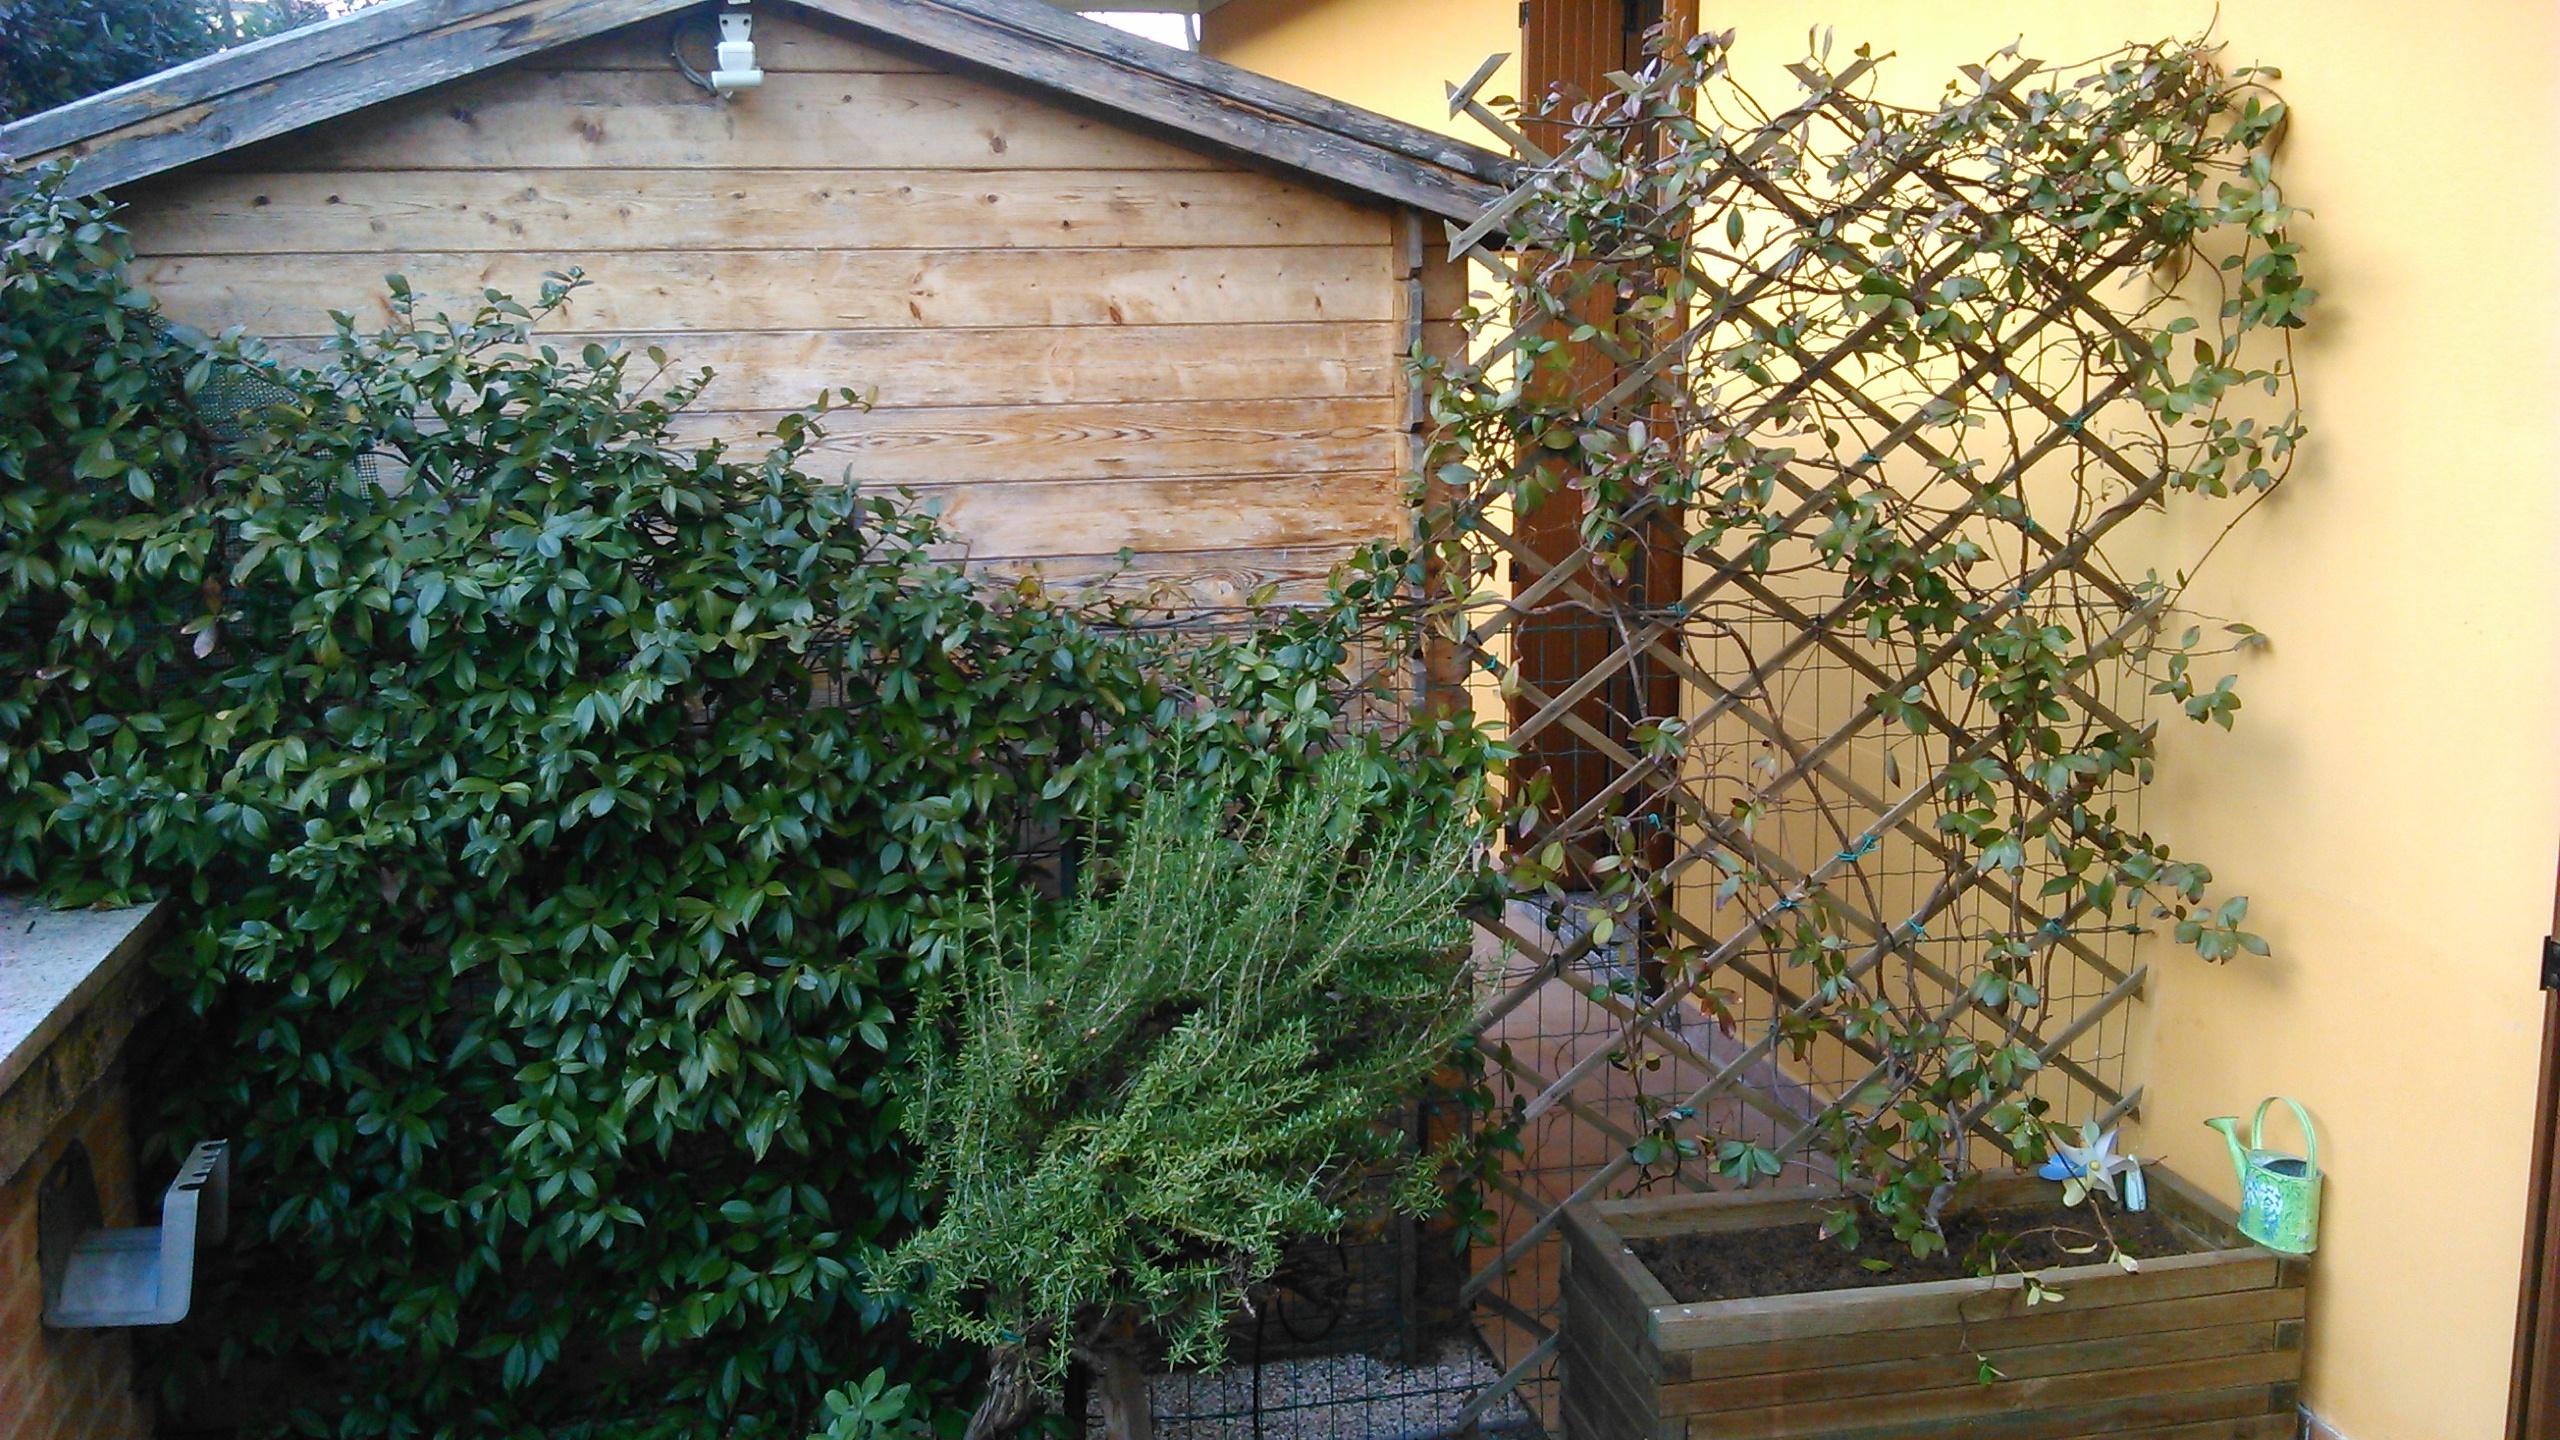 Rampicanti Adatti In Vaso gelsomino (in vaso) perde le foglie!! | forum di giardinaggio.it